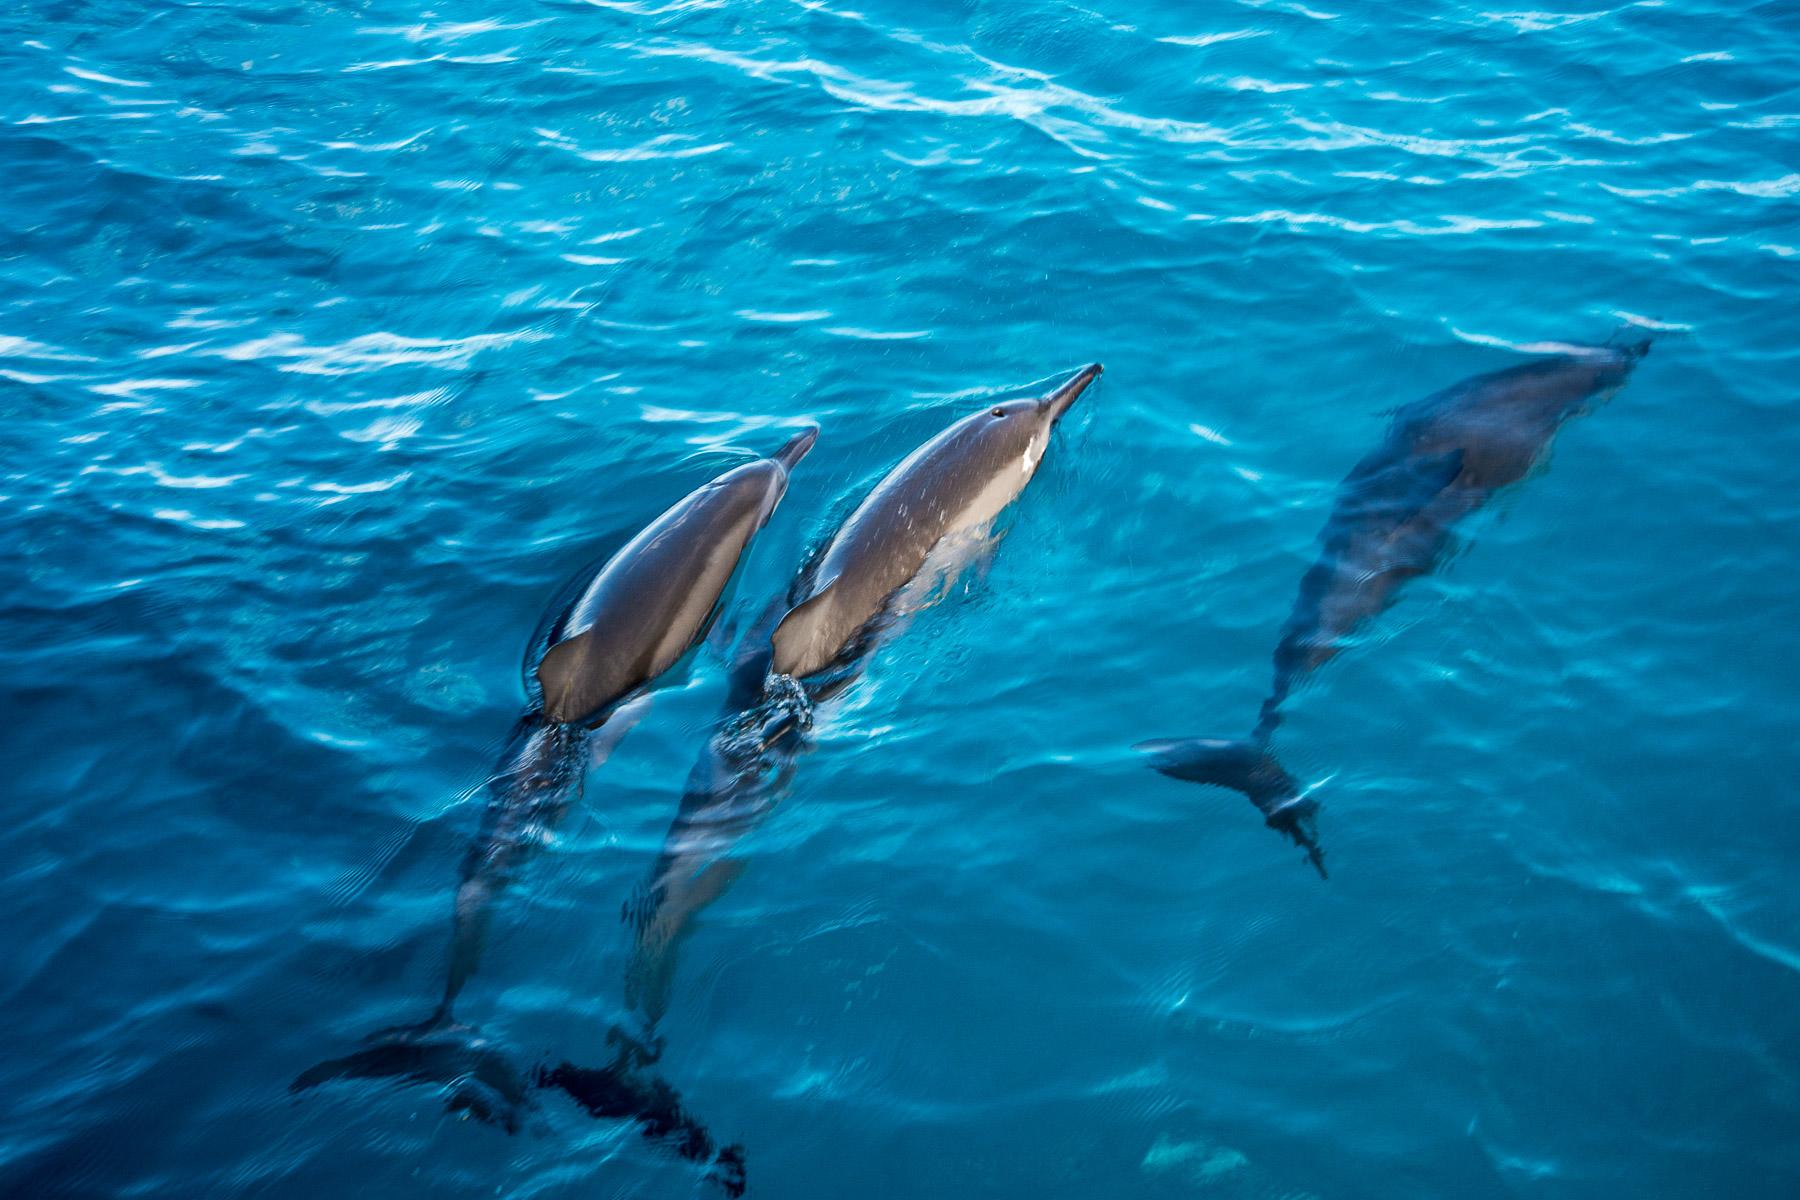 Focení na Havaji (díl 2): jak se fotografují delfíni zkatamaránu